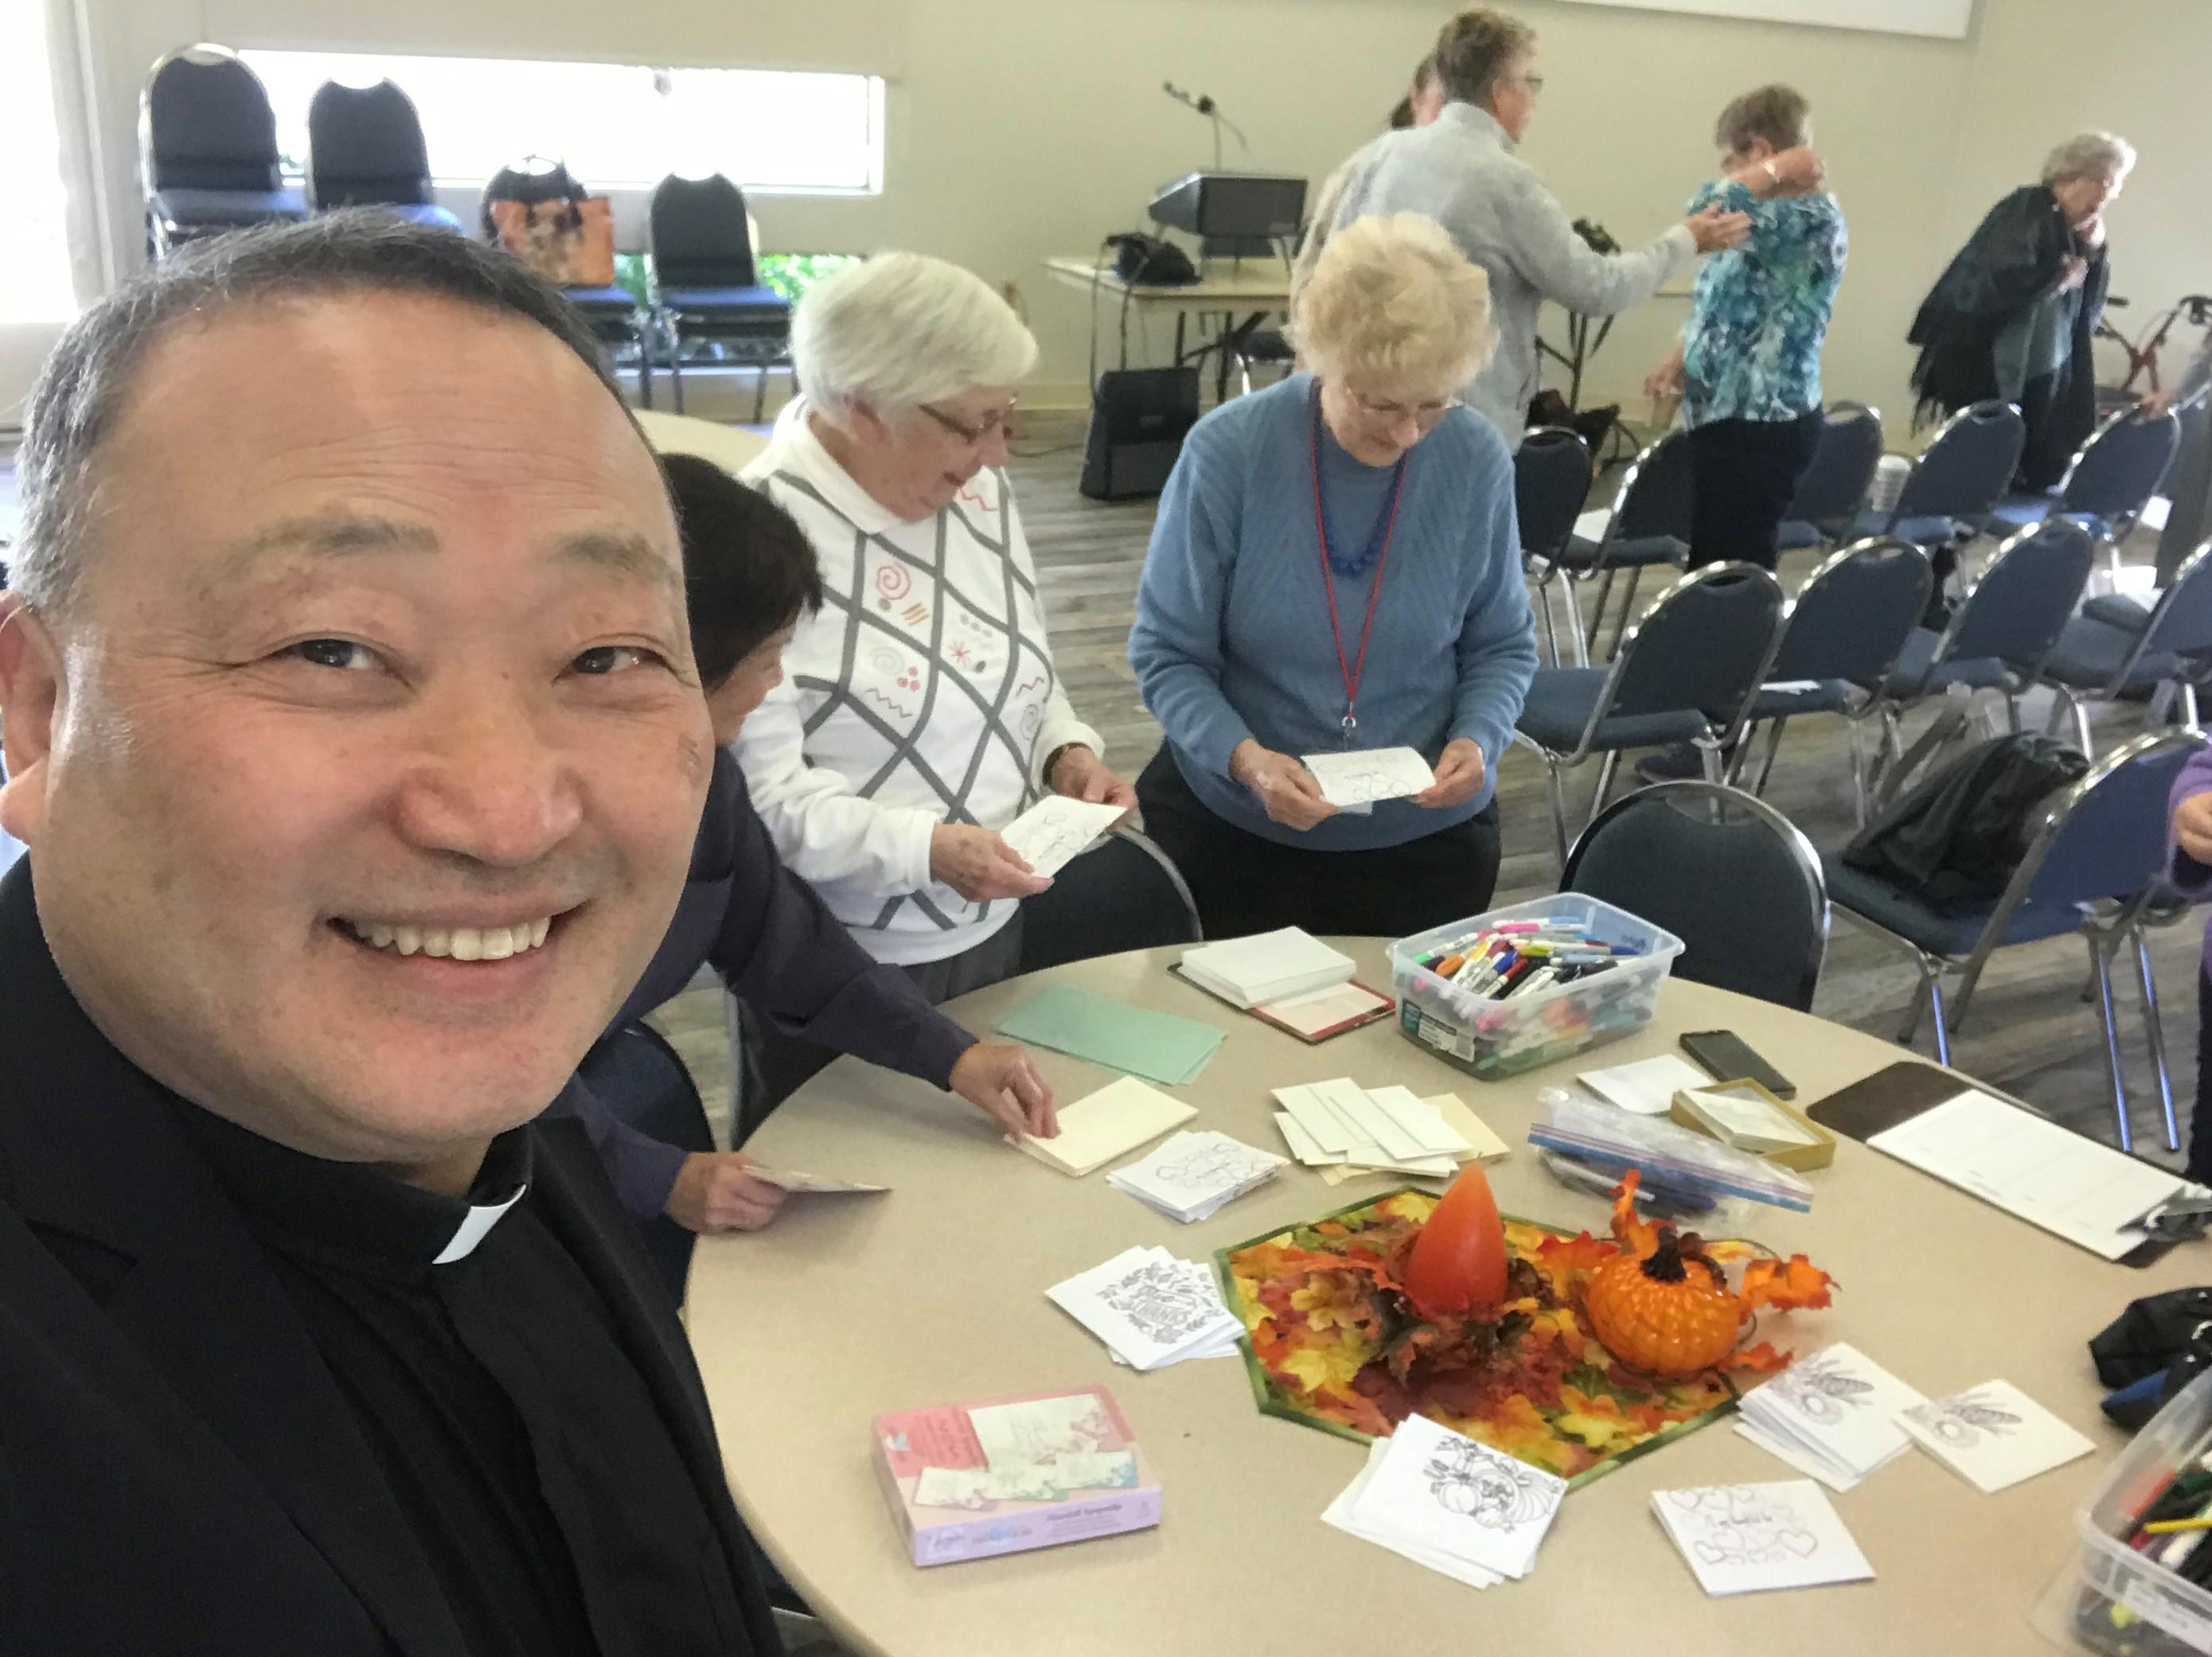 이성호 목사가 콩코드 연합감리교회 여선교회 회원들과 함께 사역하는 모습. 사진 제공, 이성호 목사.